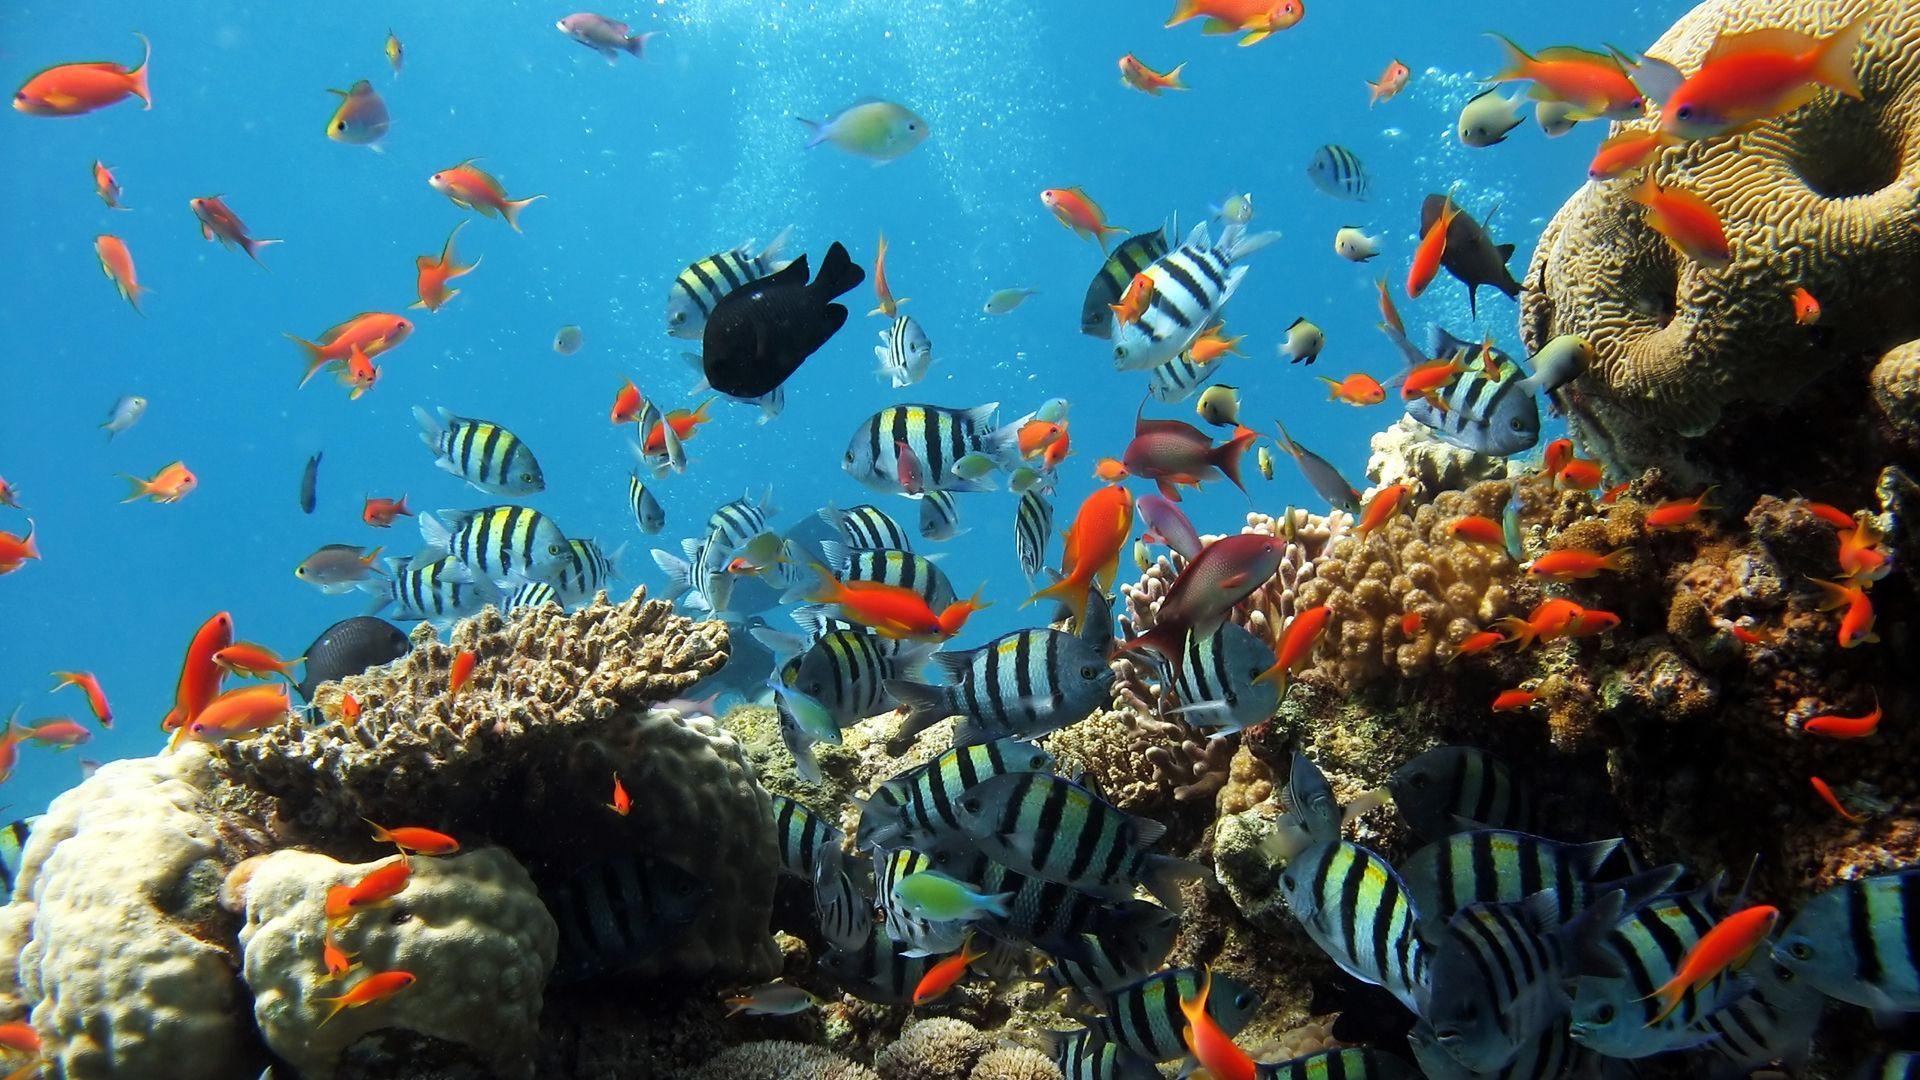 50 Underwater Widescreen Desktop Wallpapers   Download at 1920x1080